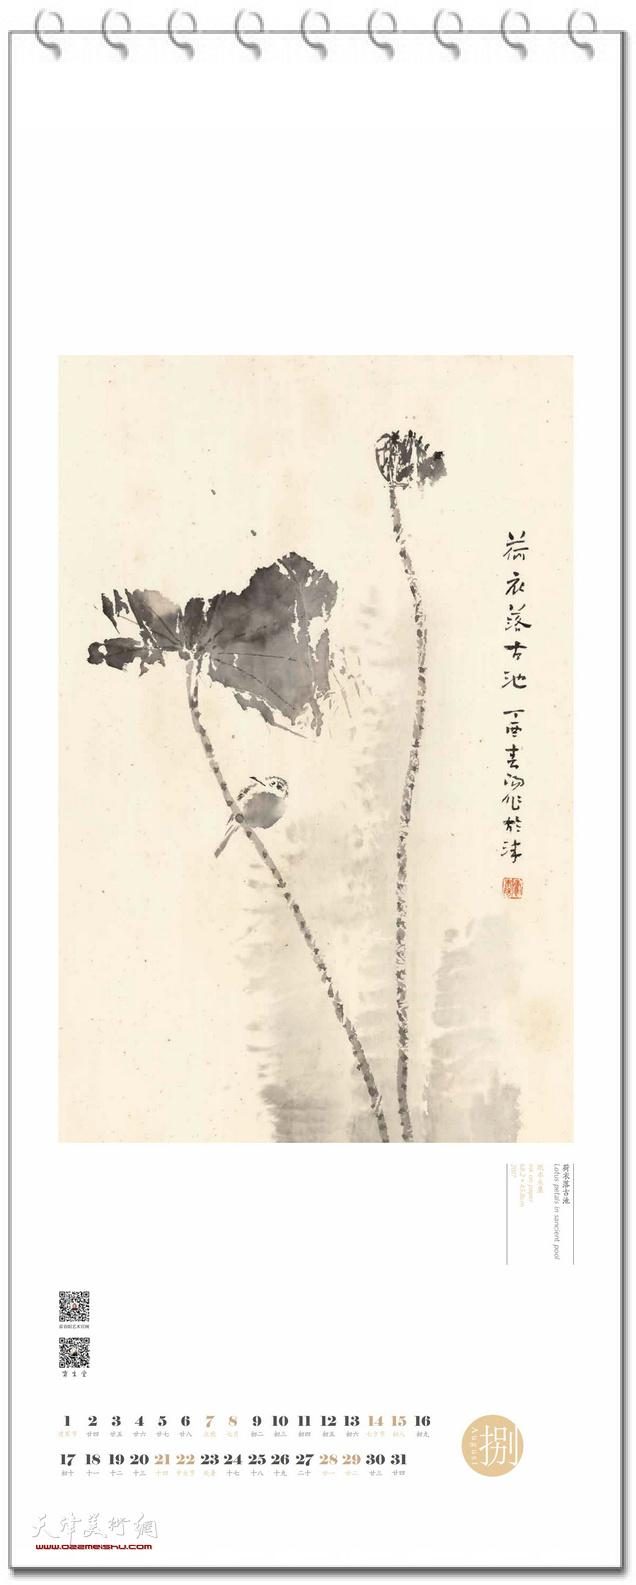 只见其清,方见竹品——霍春阳2021农历辛丑年吉祥如意年历 八月